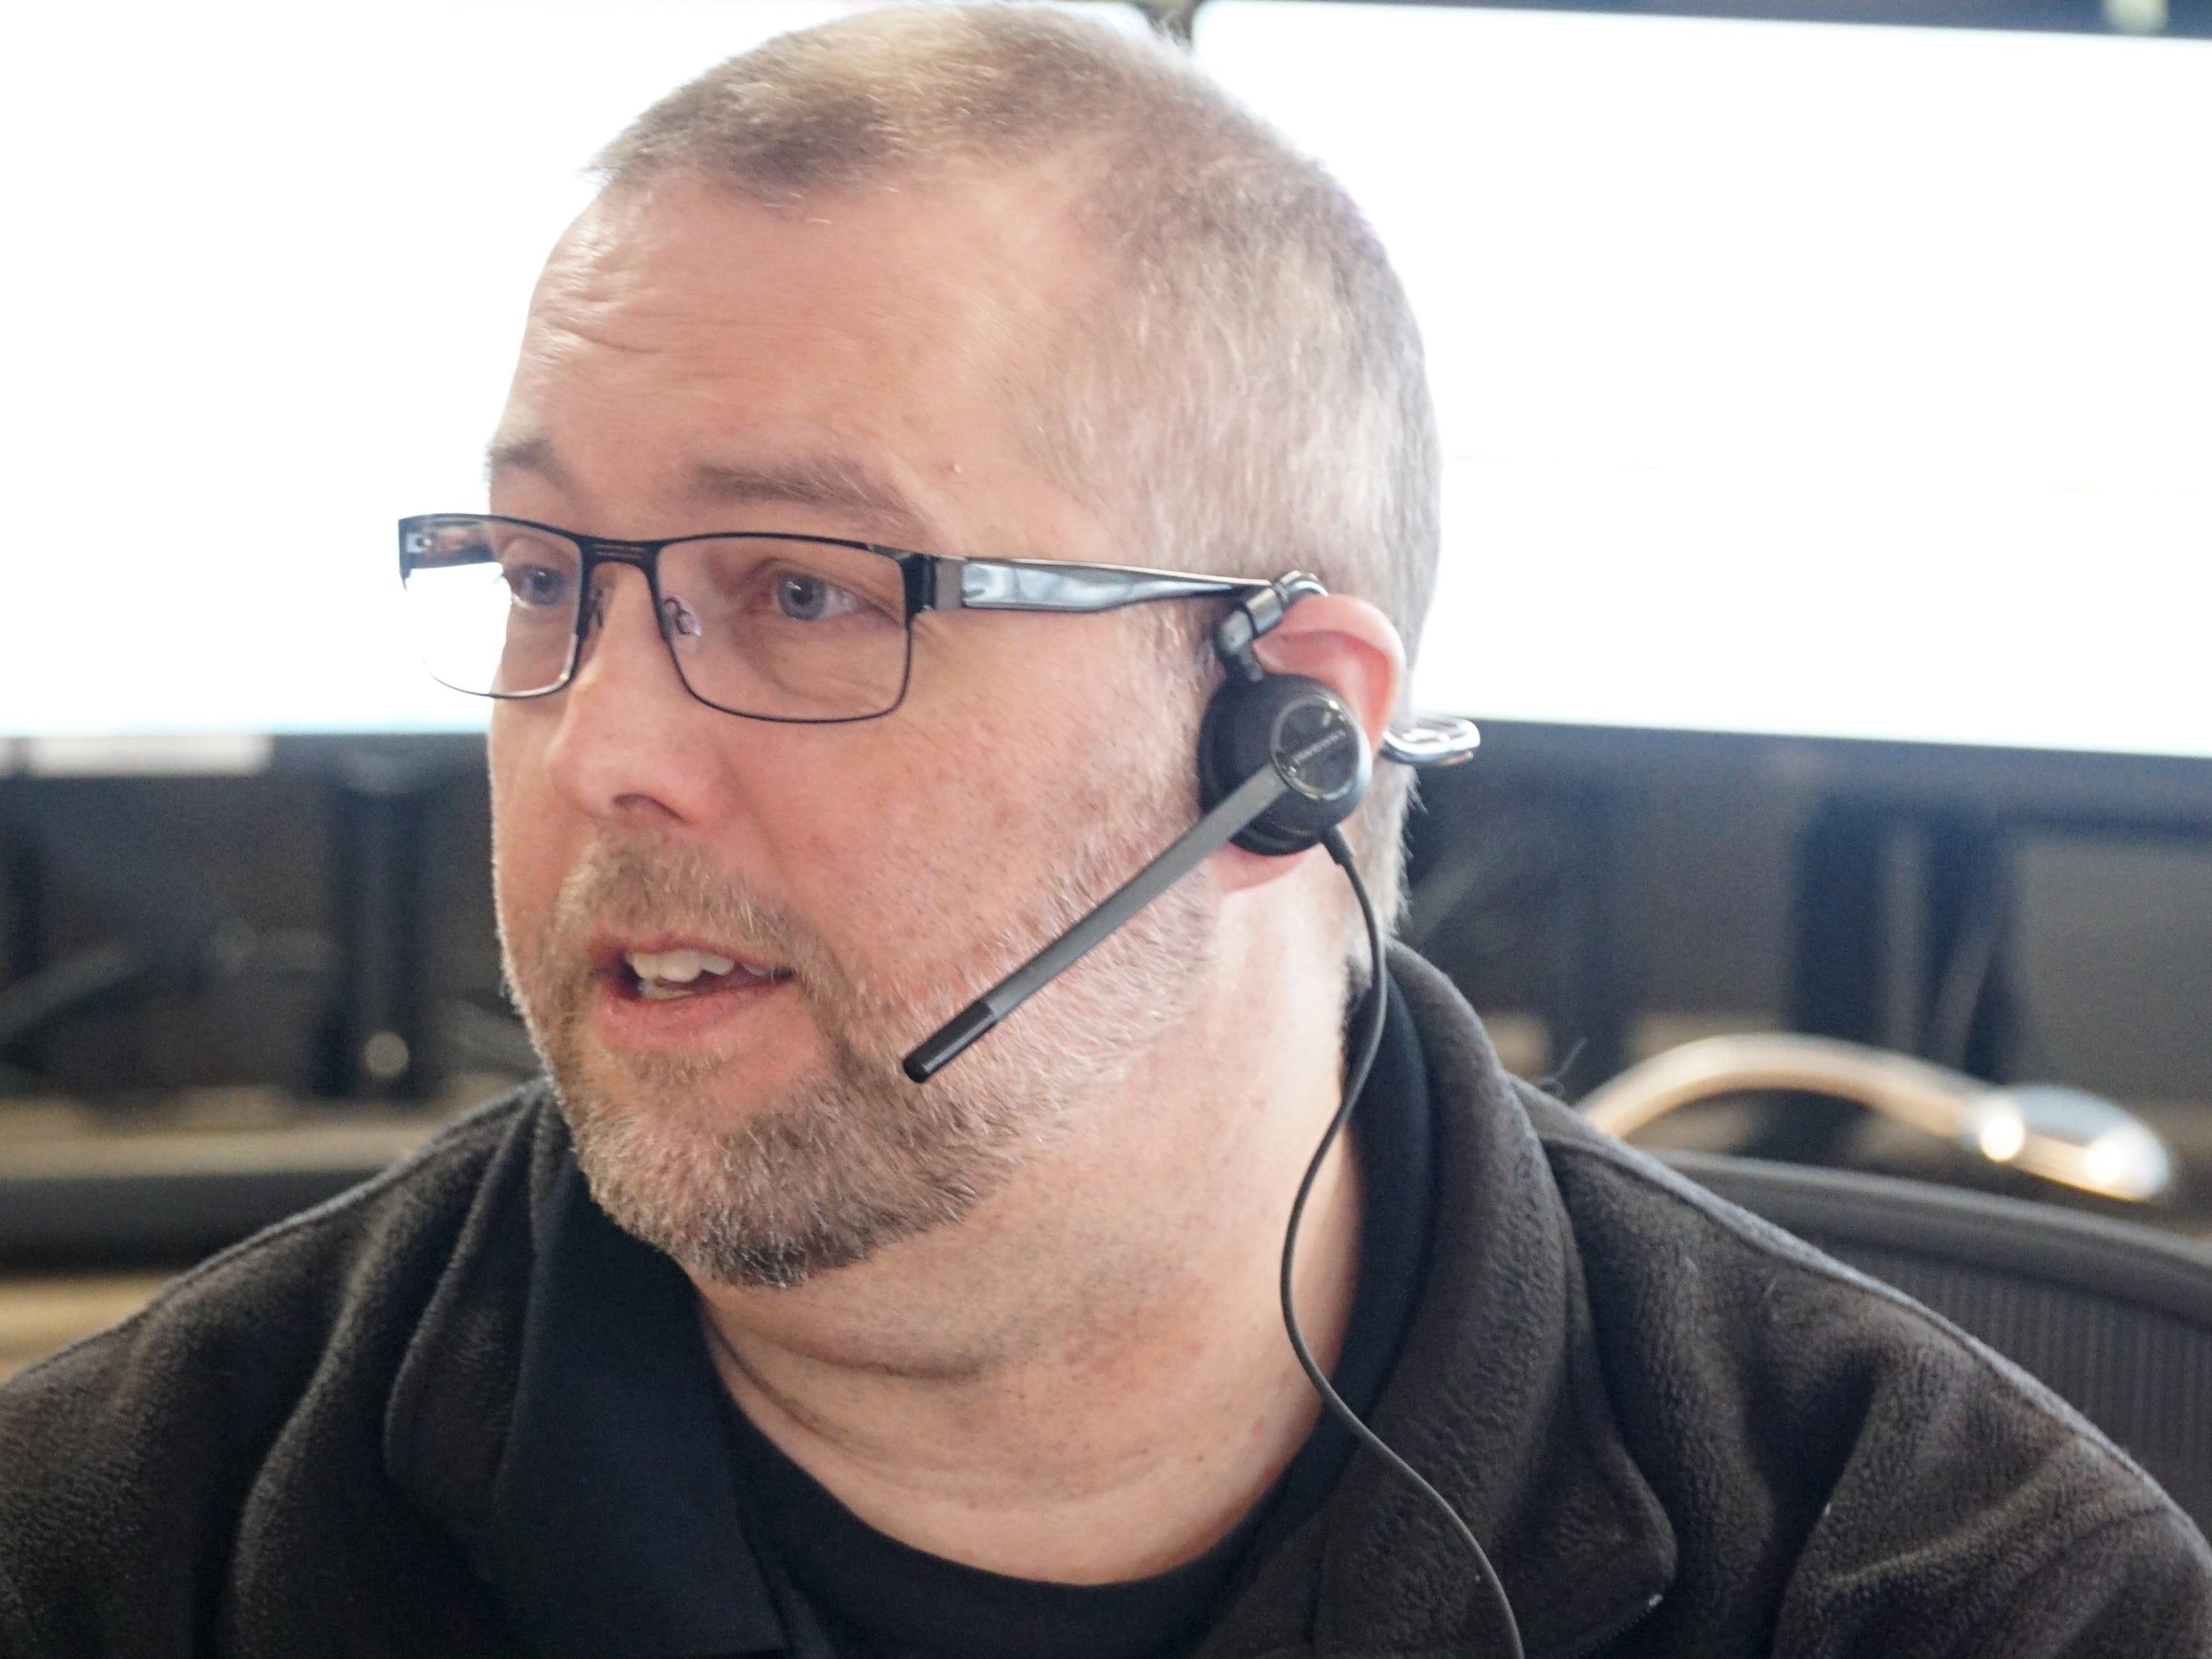 Dearborn 911 dispatcher Brian Black.